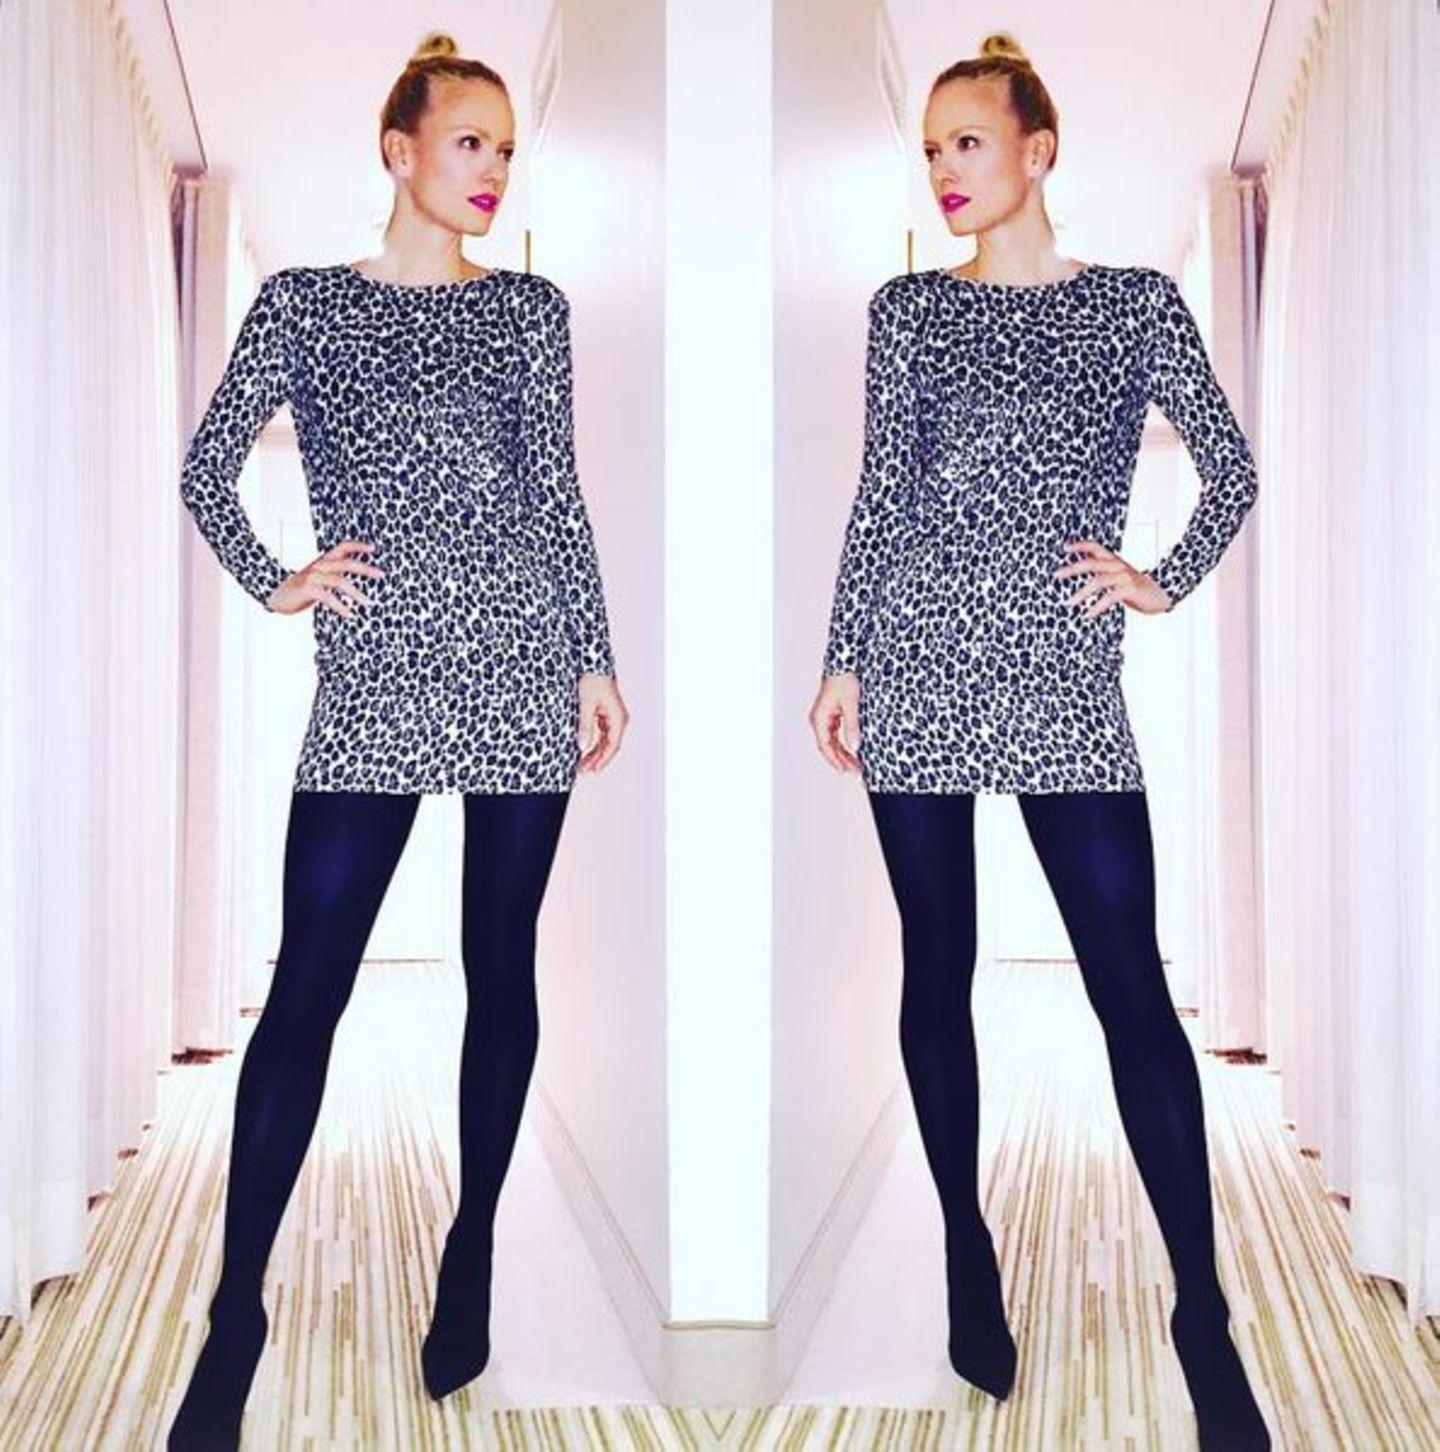 Während die Fashionweek tobt, stehen auch die Kleiderschranktüren unserer Promis nicht still. Umstylings gehören in dieser Woche zum normalen Tagesablauf. Franziska Knuppe hat sich für das MBFWB-Opening-Event für dieses Leo-Kleid entschieden. Outfit Nummer Eins steht damit schon einmal.